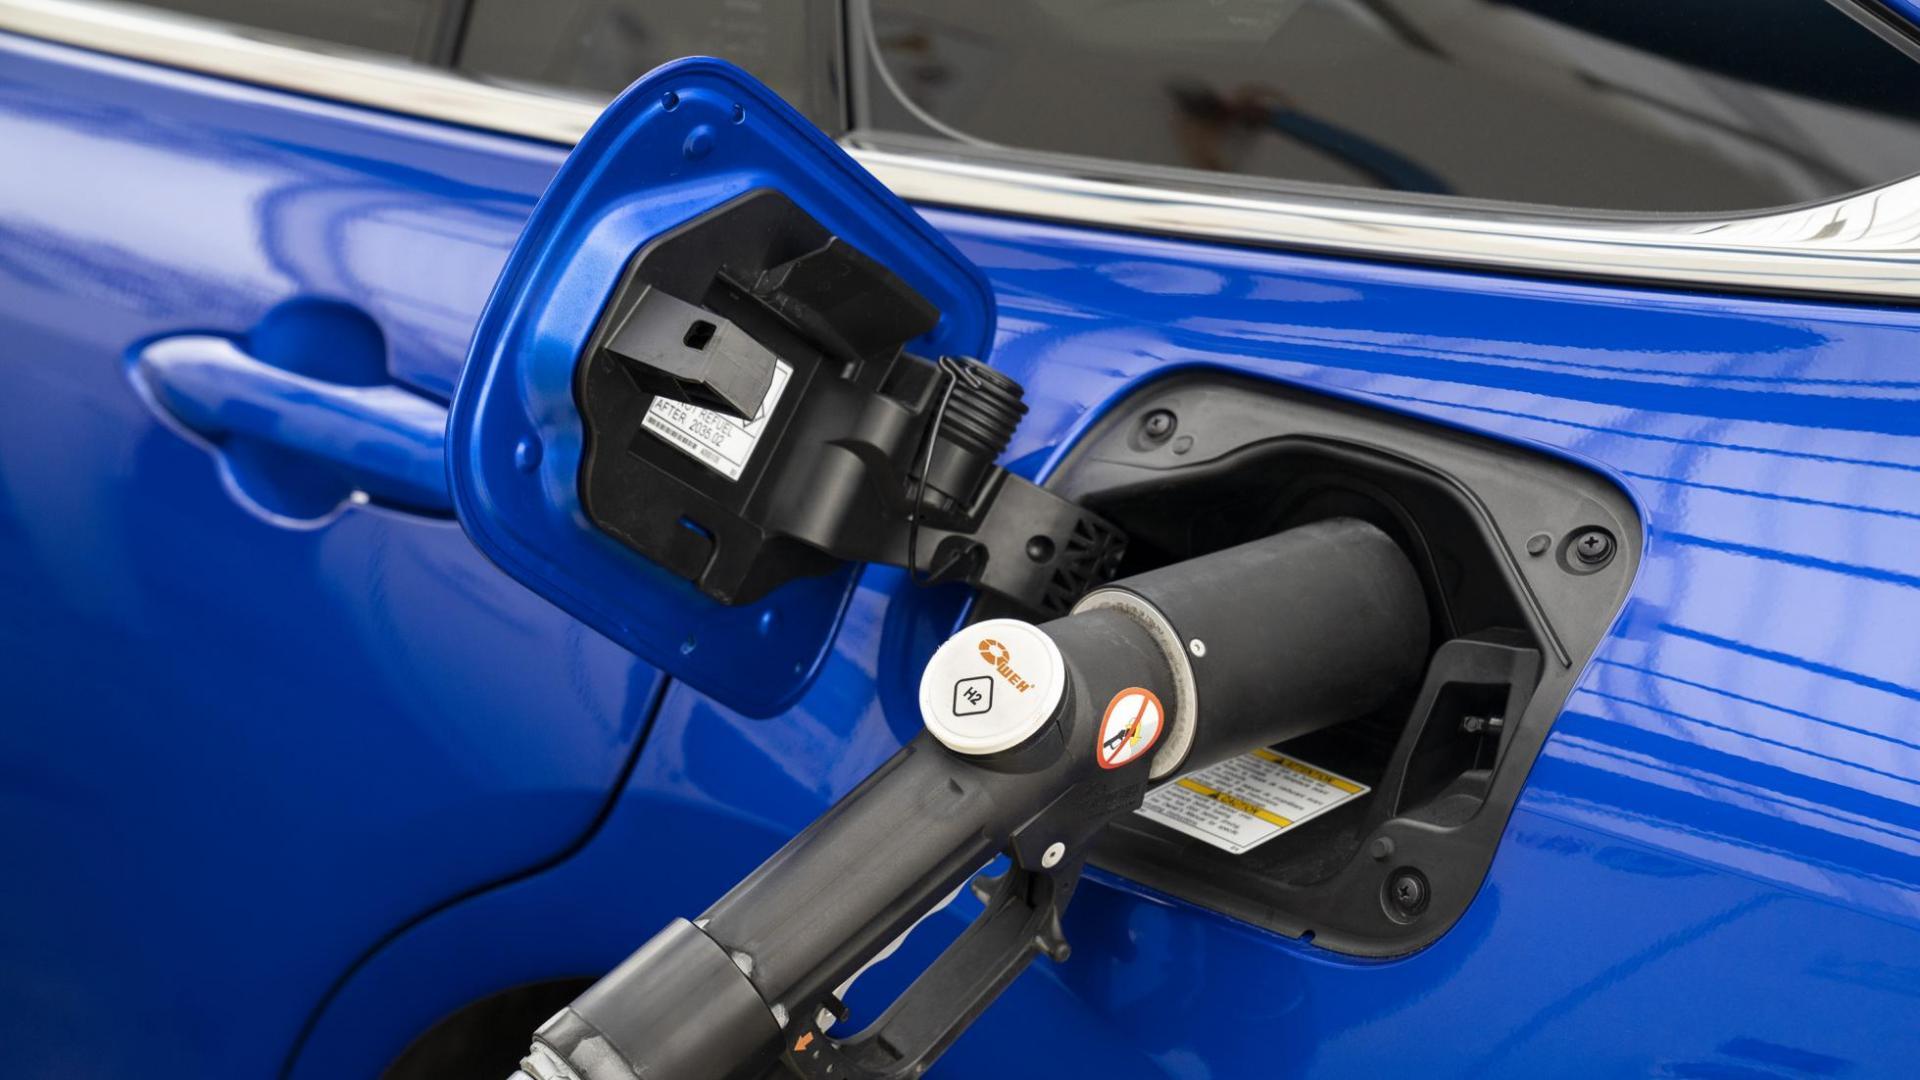 Waterstof tanken met de Toyota Mirai